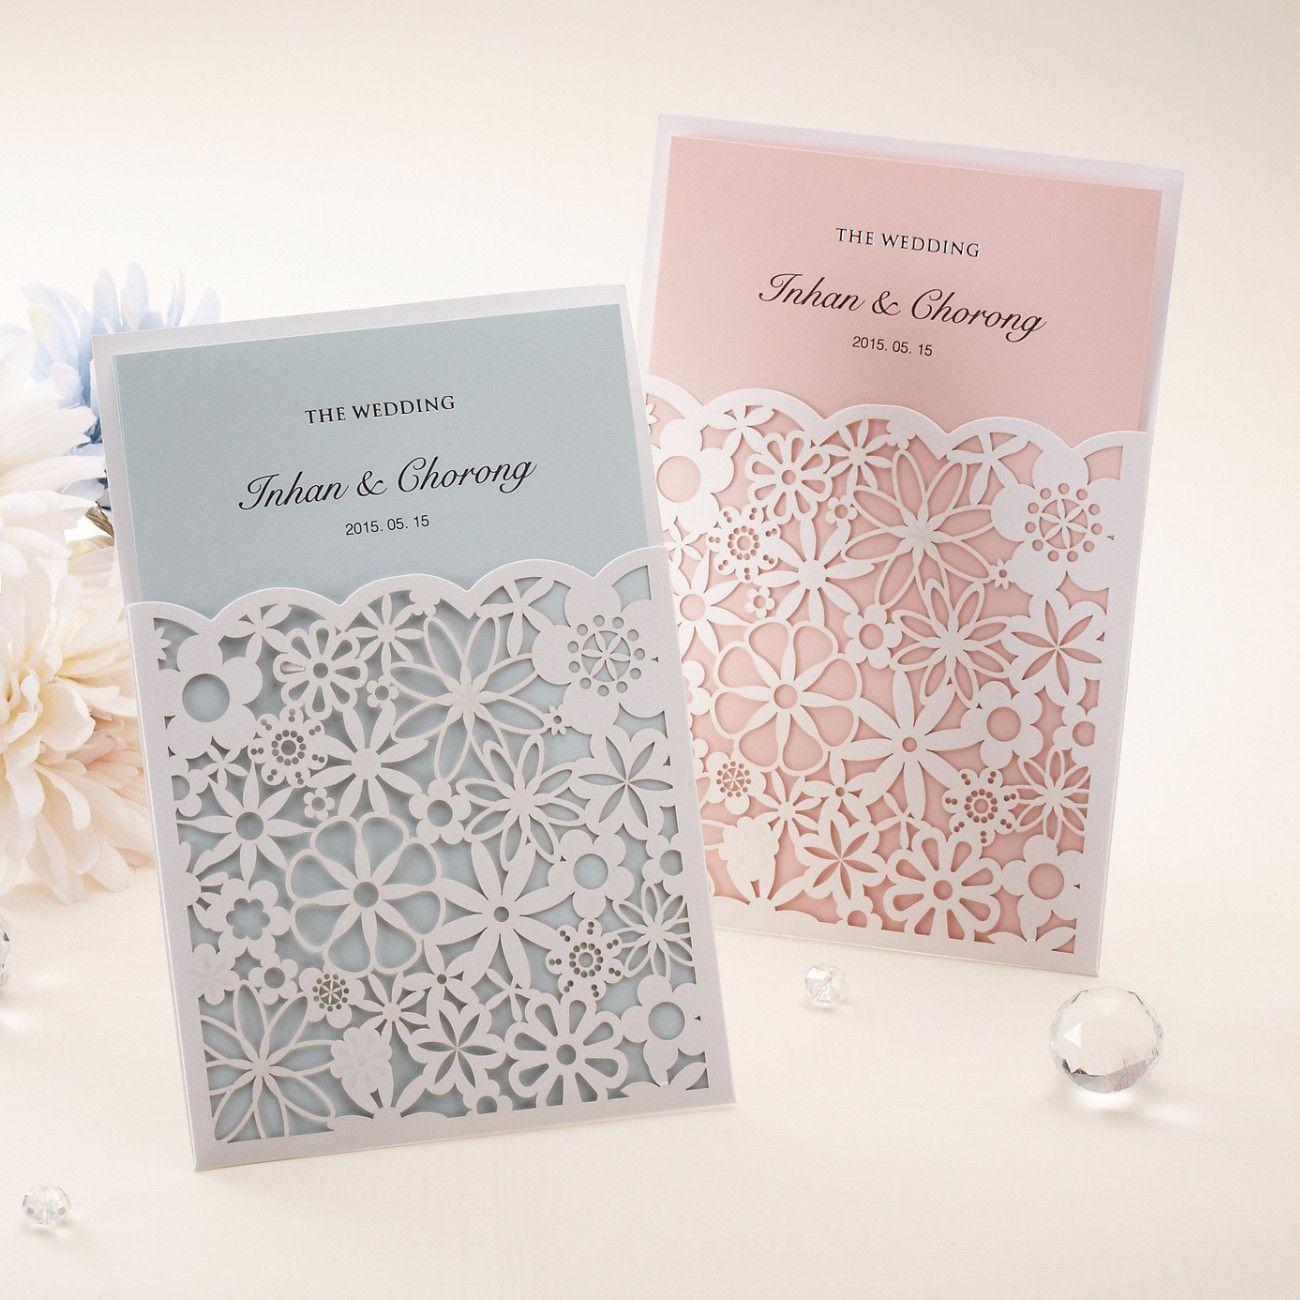 Pin on Pocket Wedding Invitations